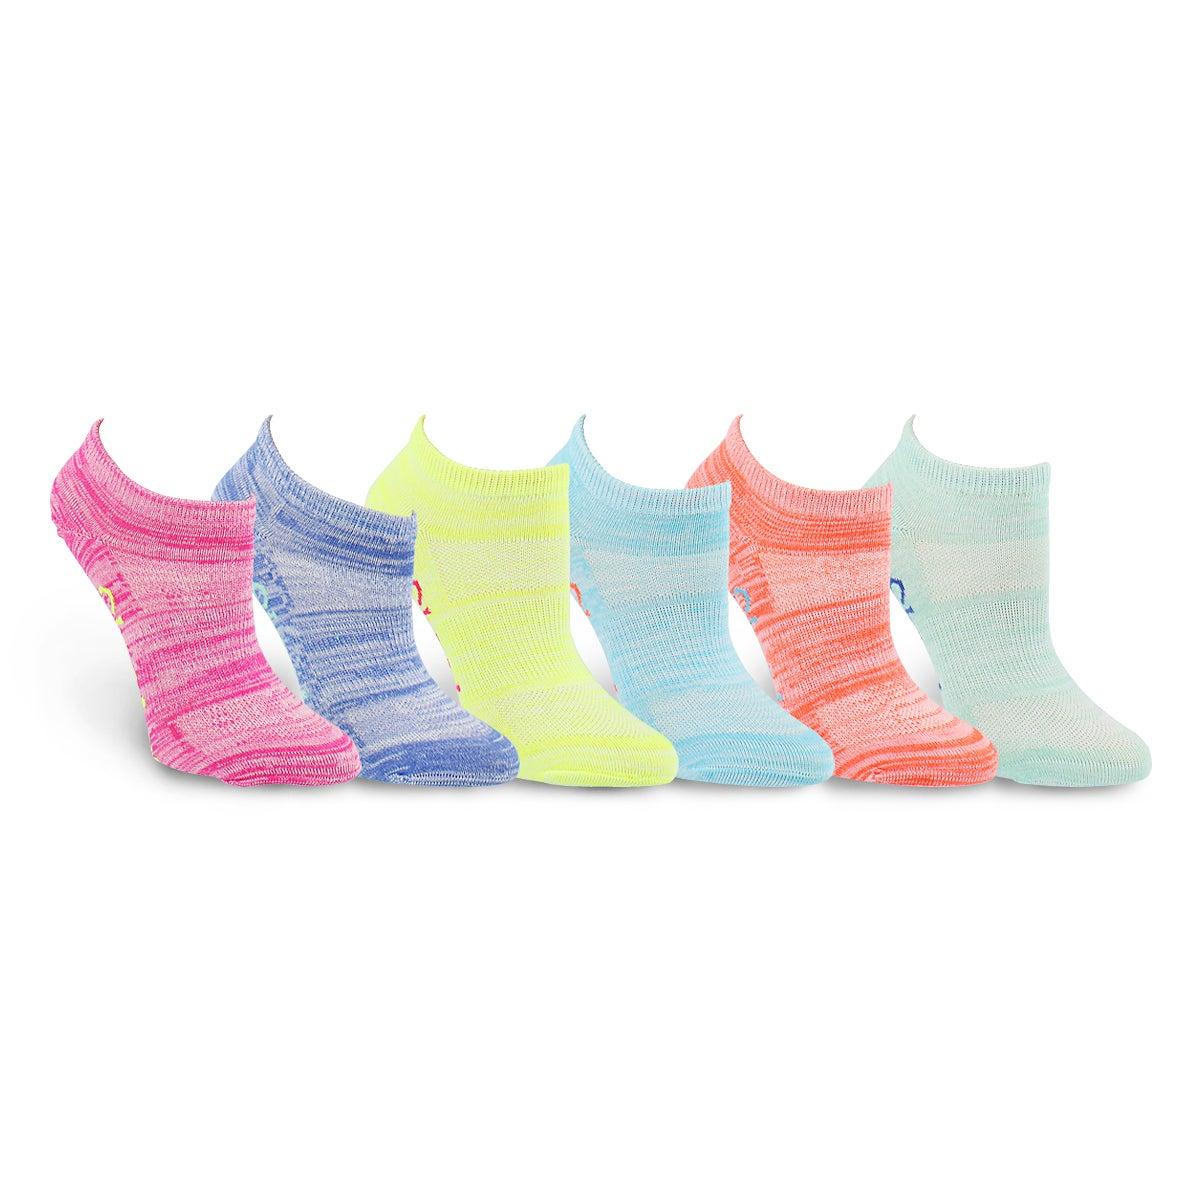 Grls Low Cut NoTerry multi MED sock 6pk